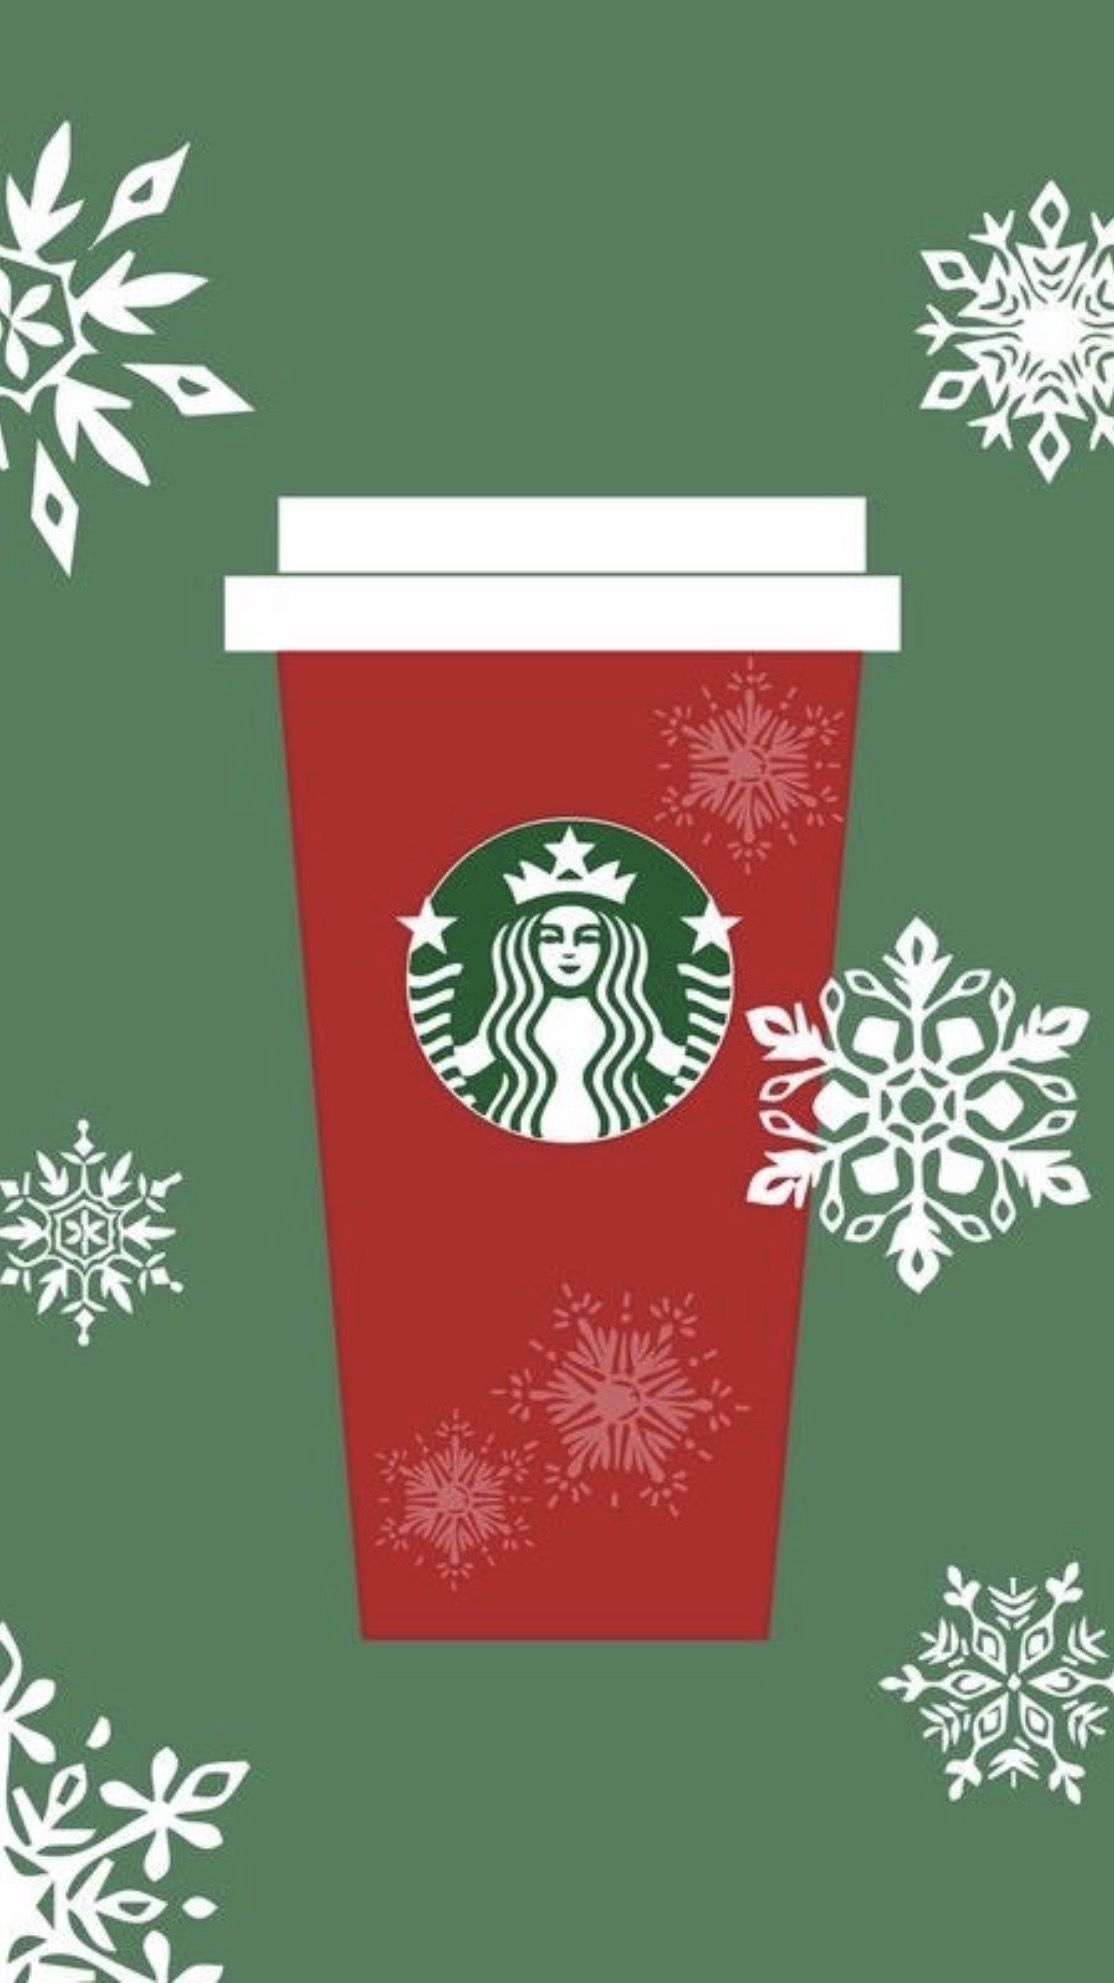 Starbucks Wallpaper Iphone Christmas Starbucks Wallpaper